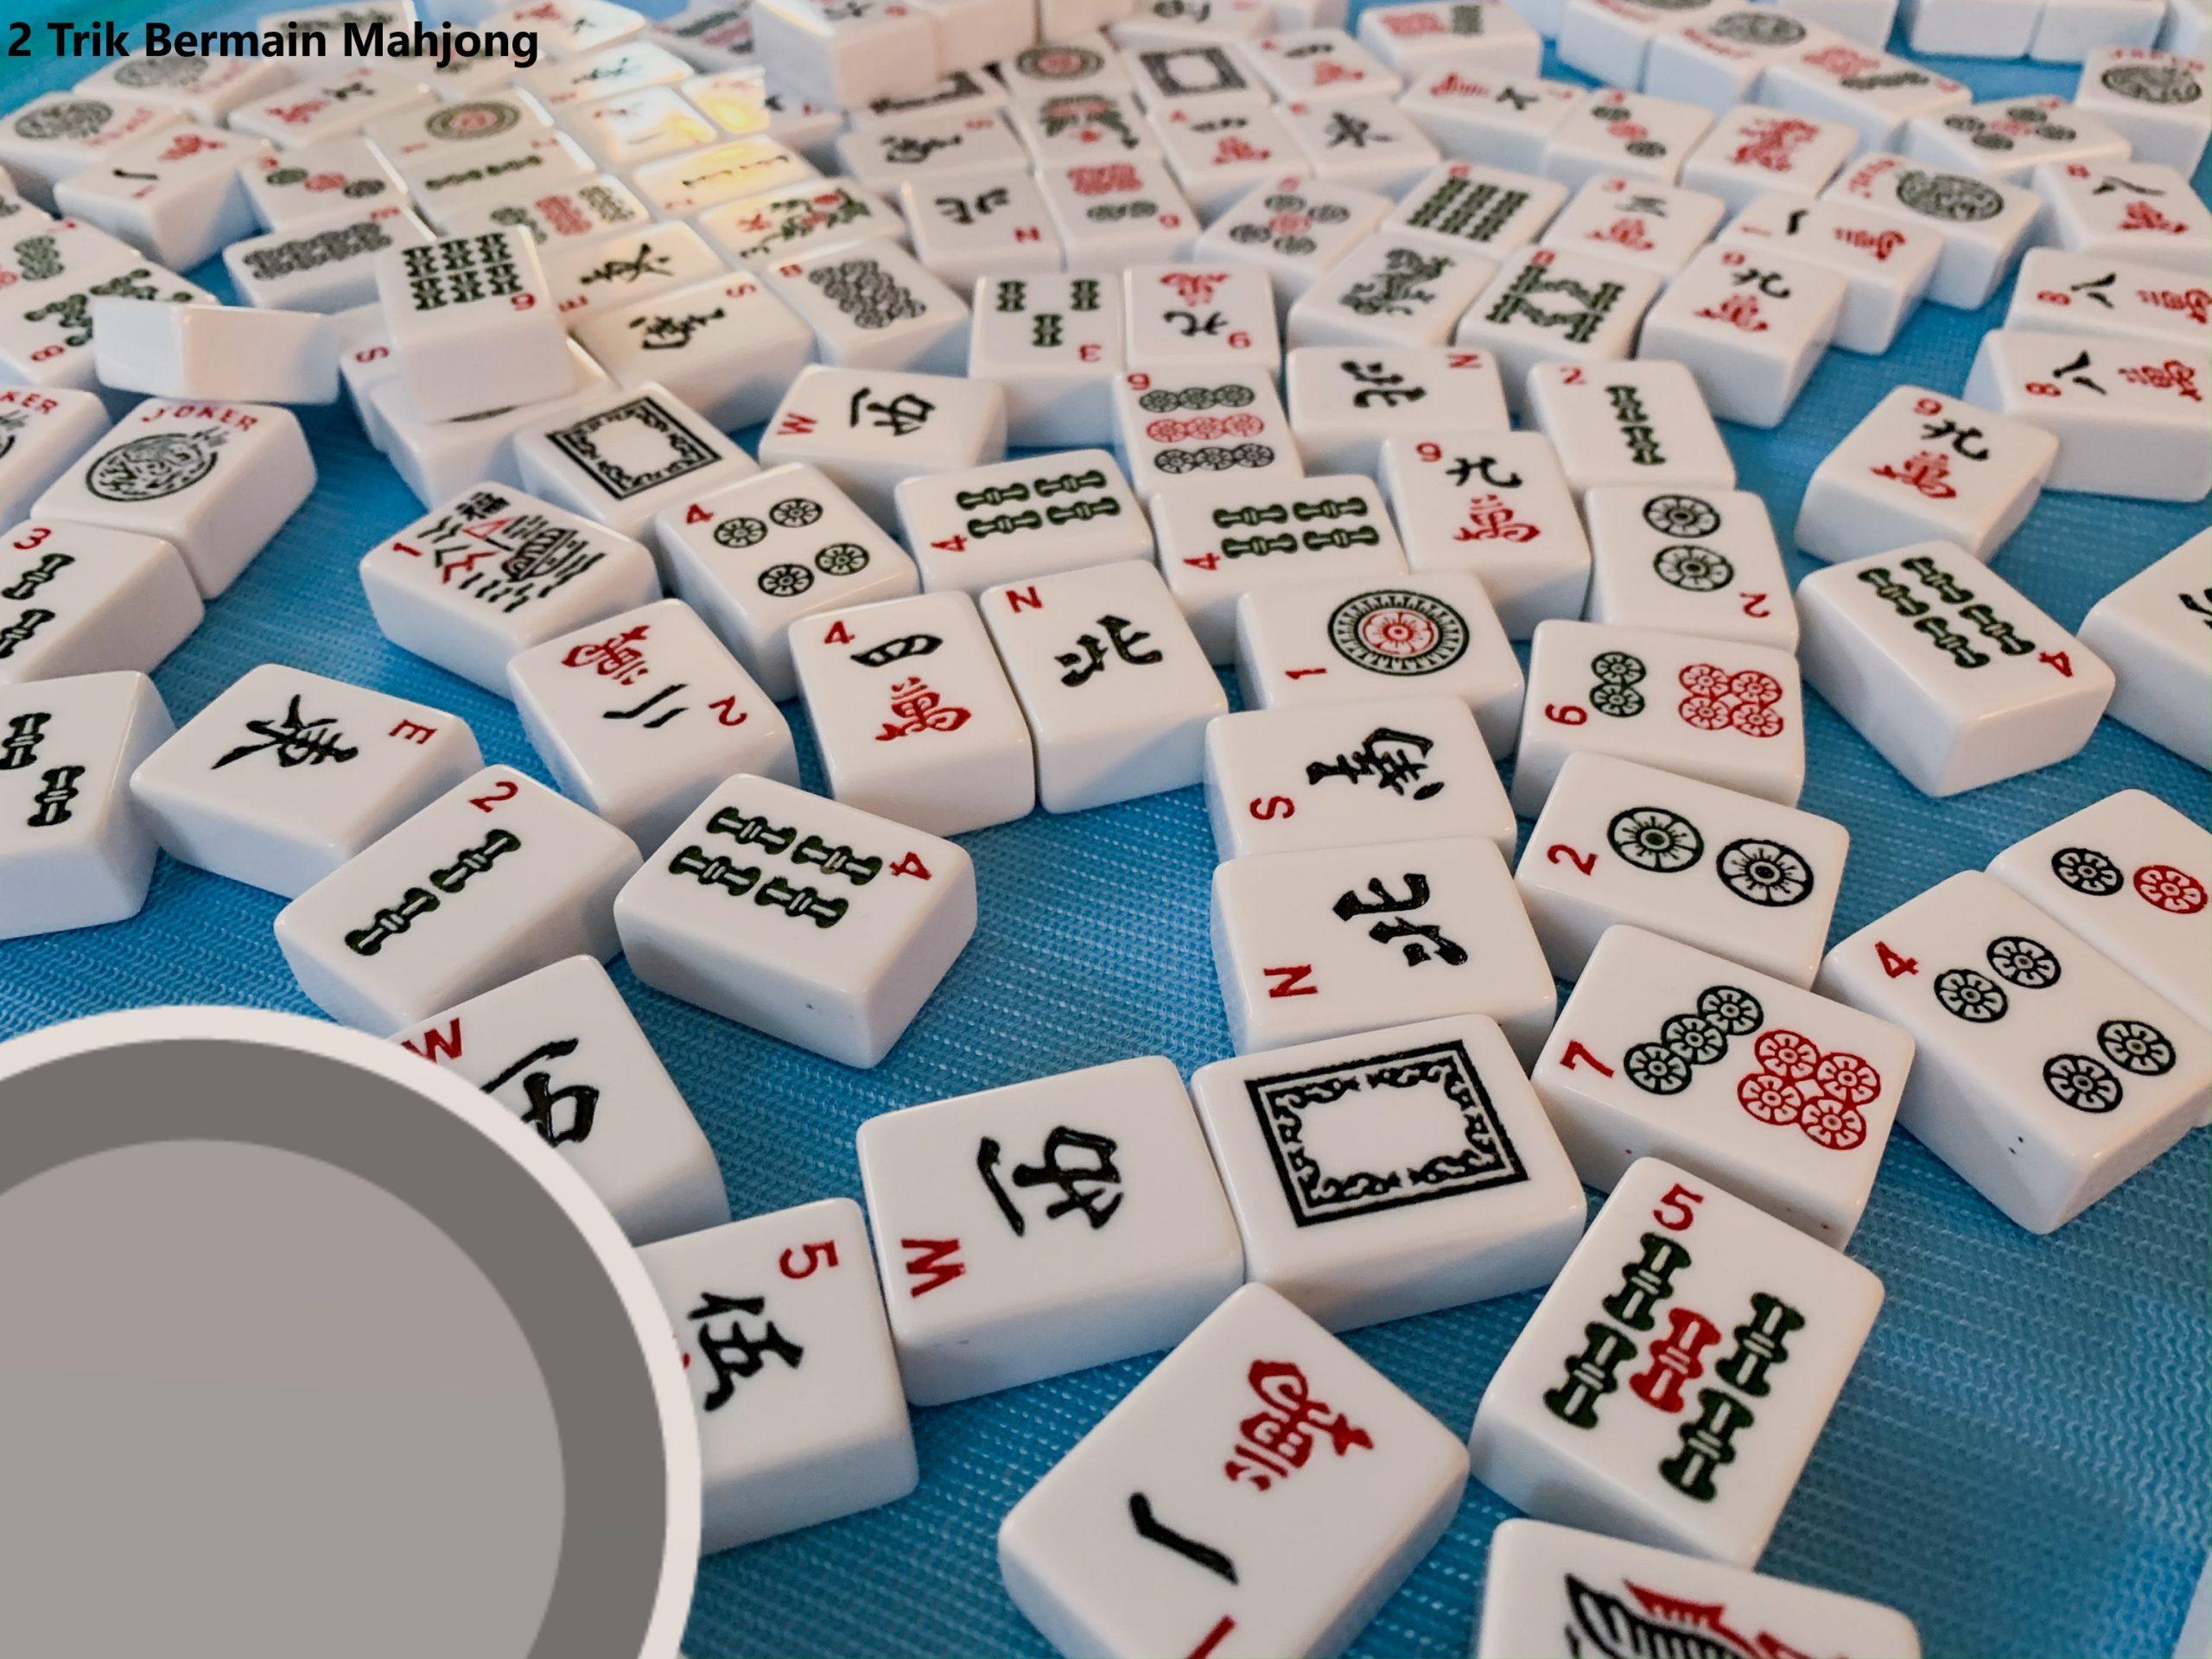 2 Trik Bermain Mahjong